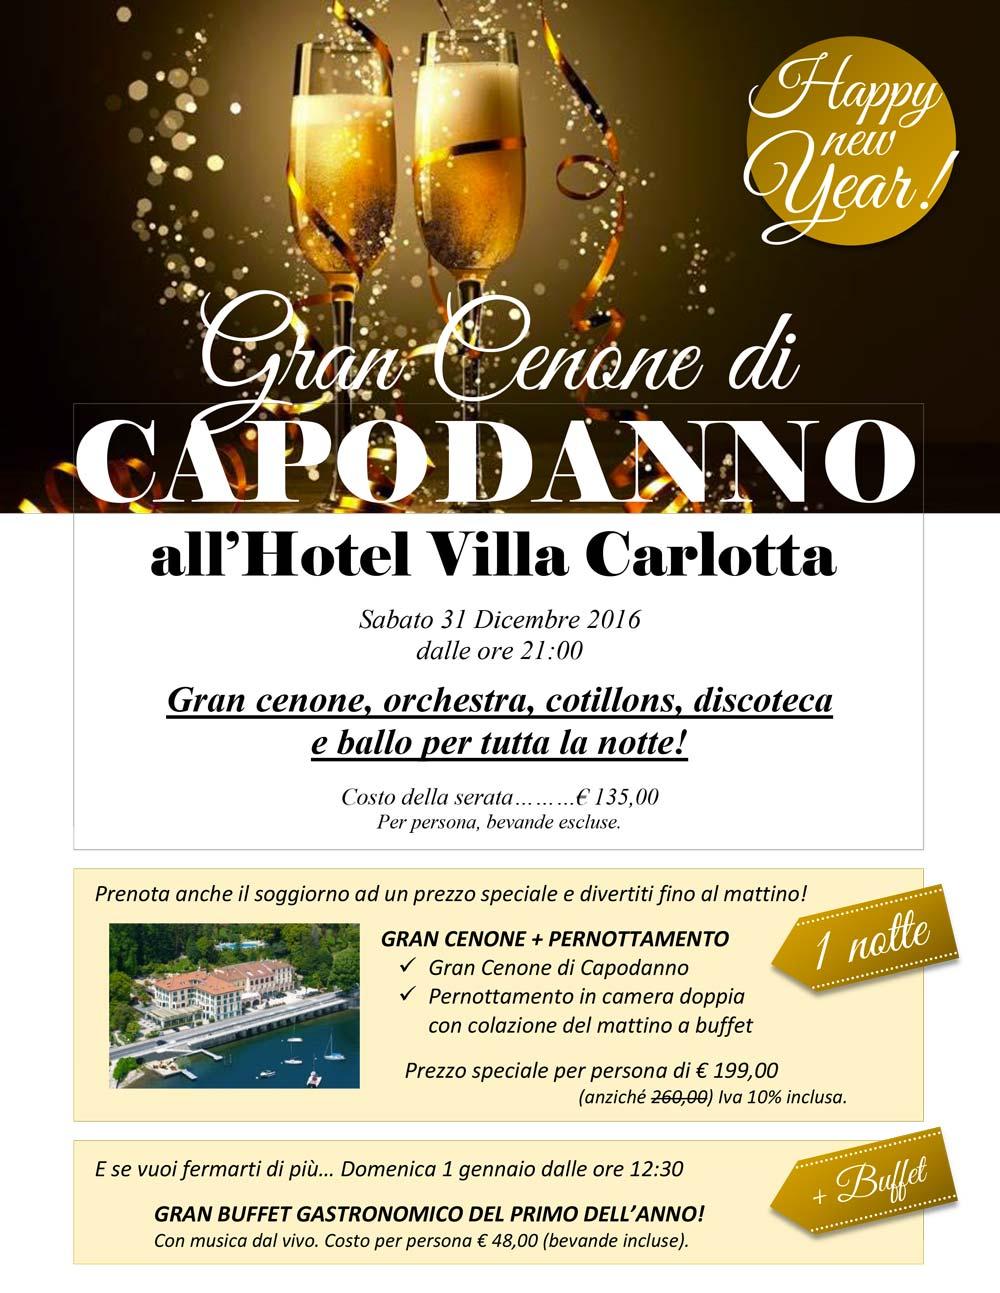 villa-carlotta-capodanno-2017